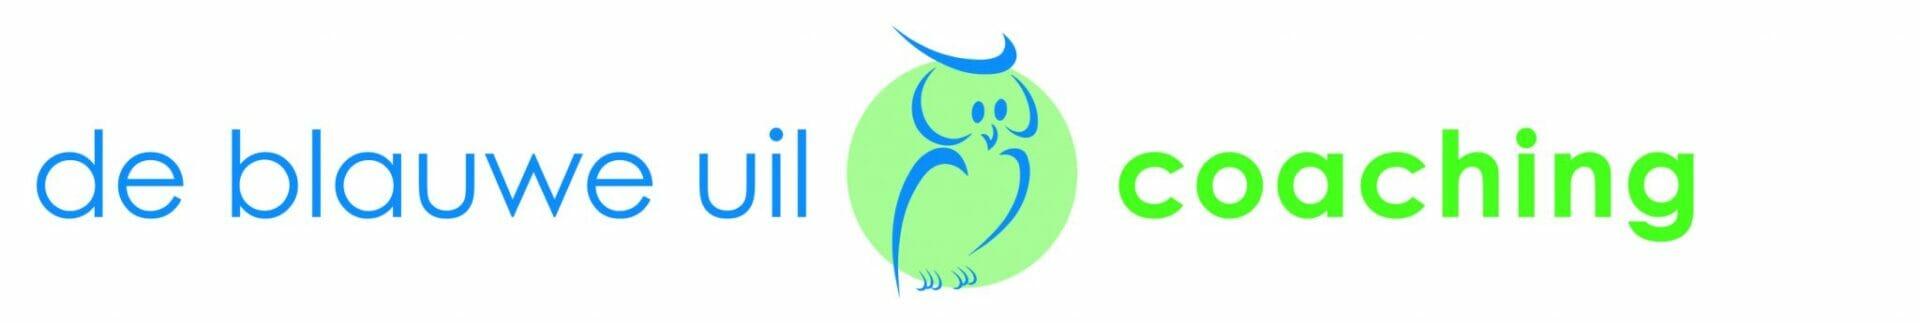 els-van-dam-blauwe-uil-netwerk